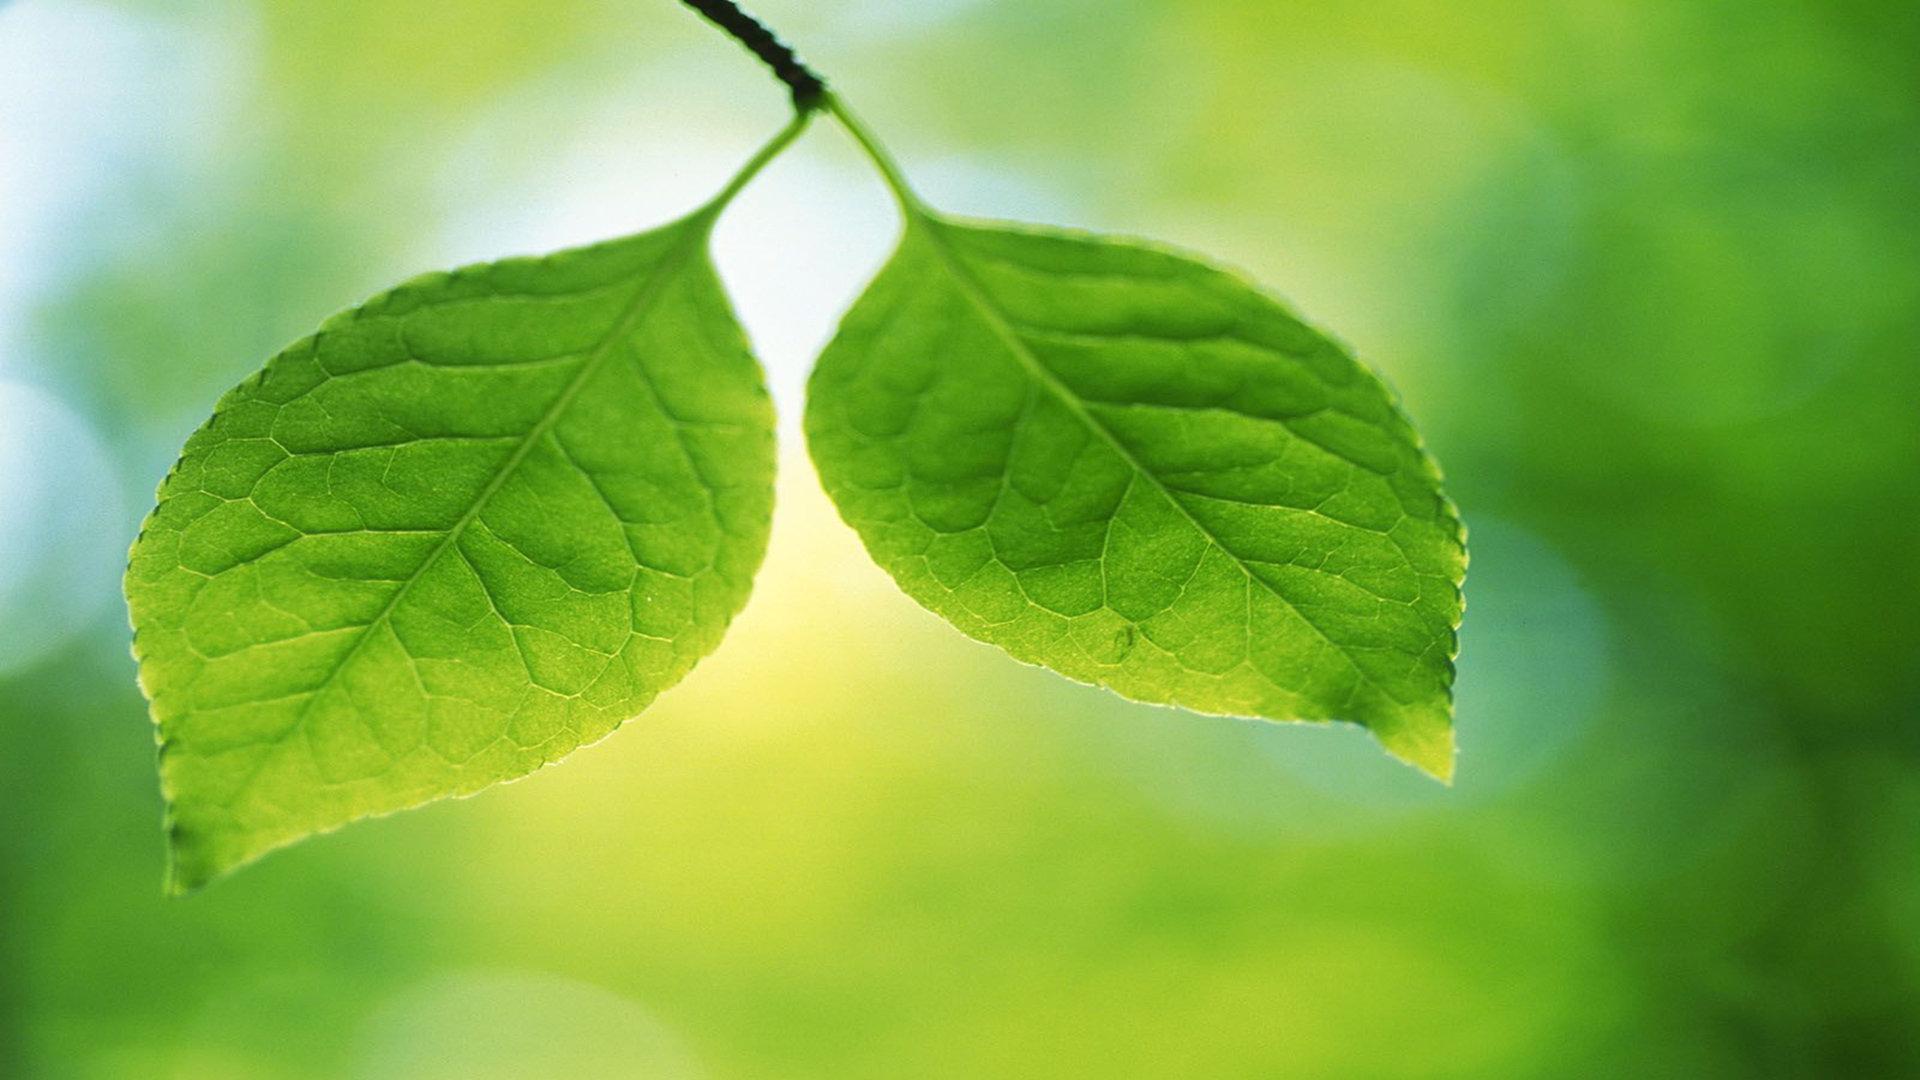 绿色壁纸图片 精选绿色电脑锁屏背景护眼绿叶壁纸图片下载 _壁纸素材图片